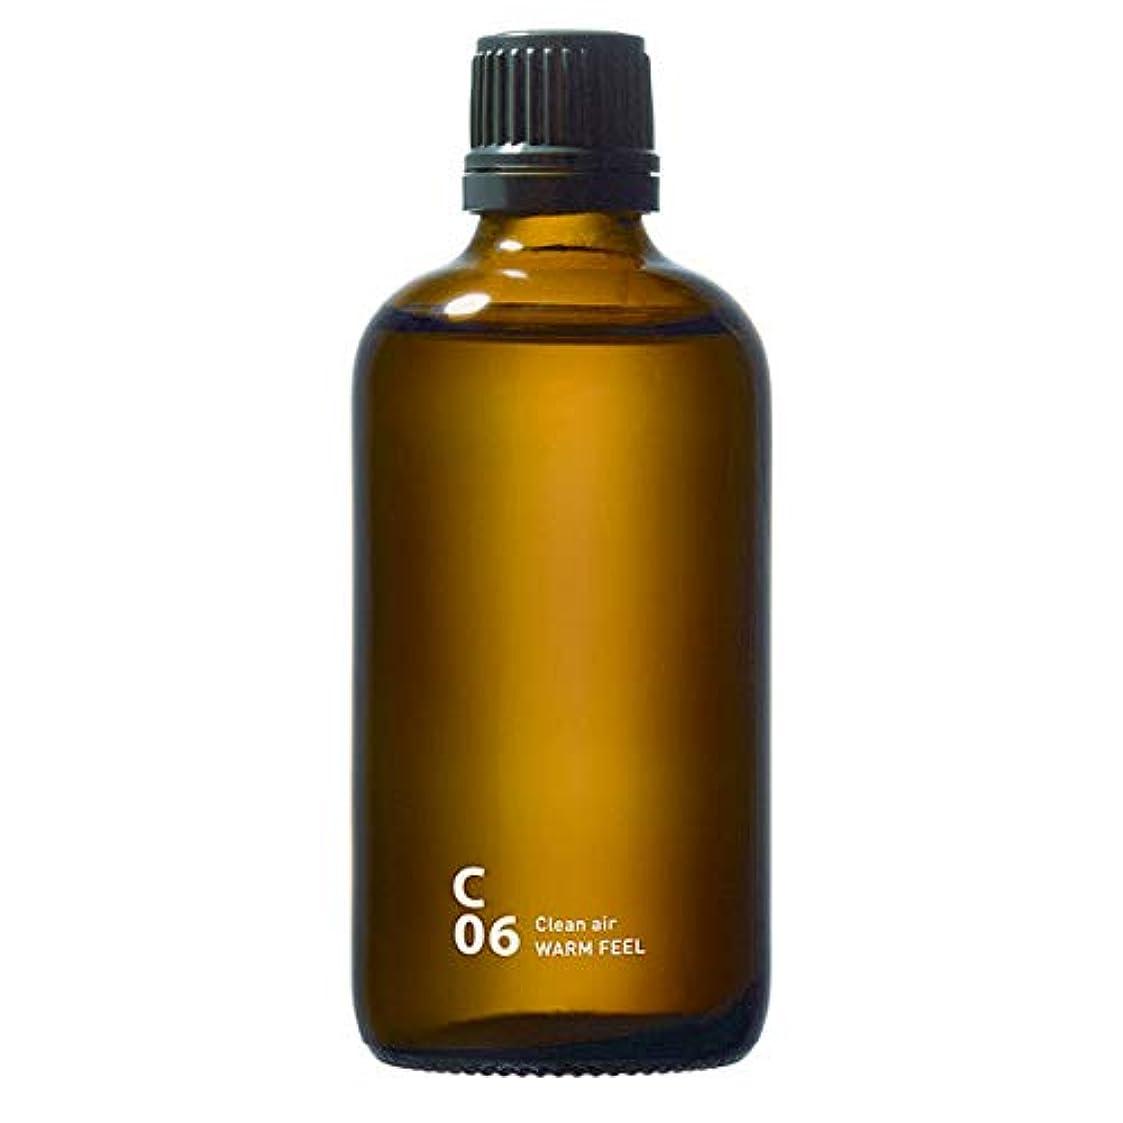 敬意を表する眩惑する標高C06 WARM FEEL piezo aroma oil 100ml